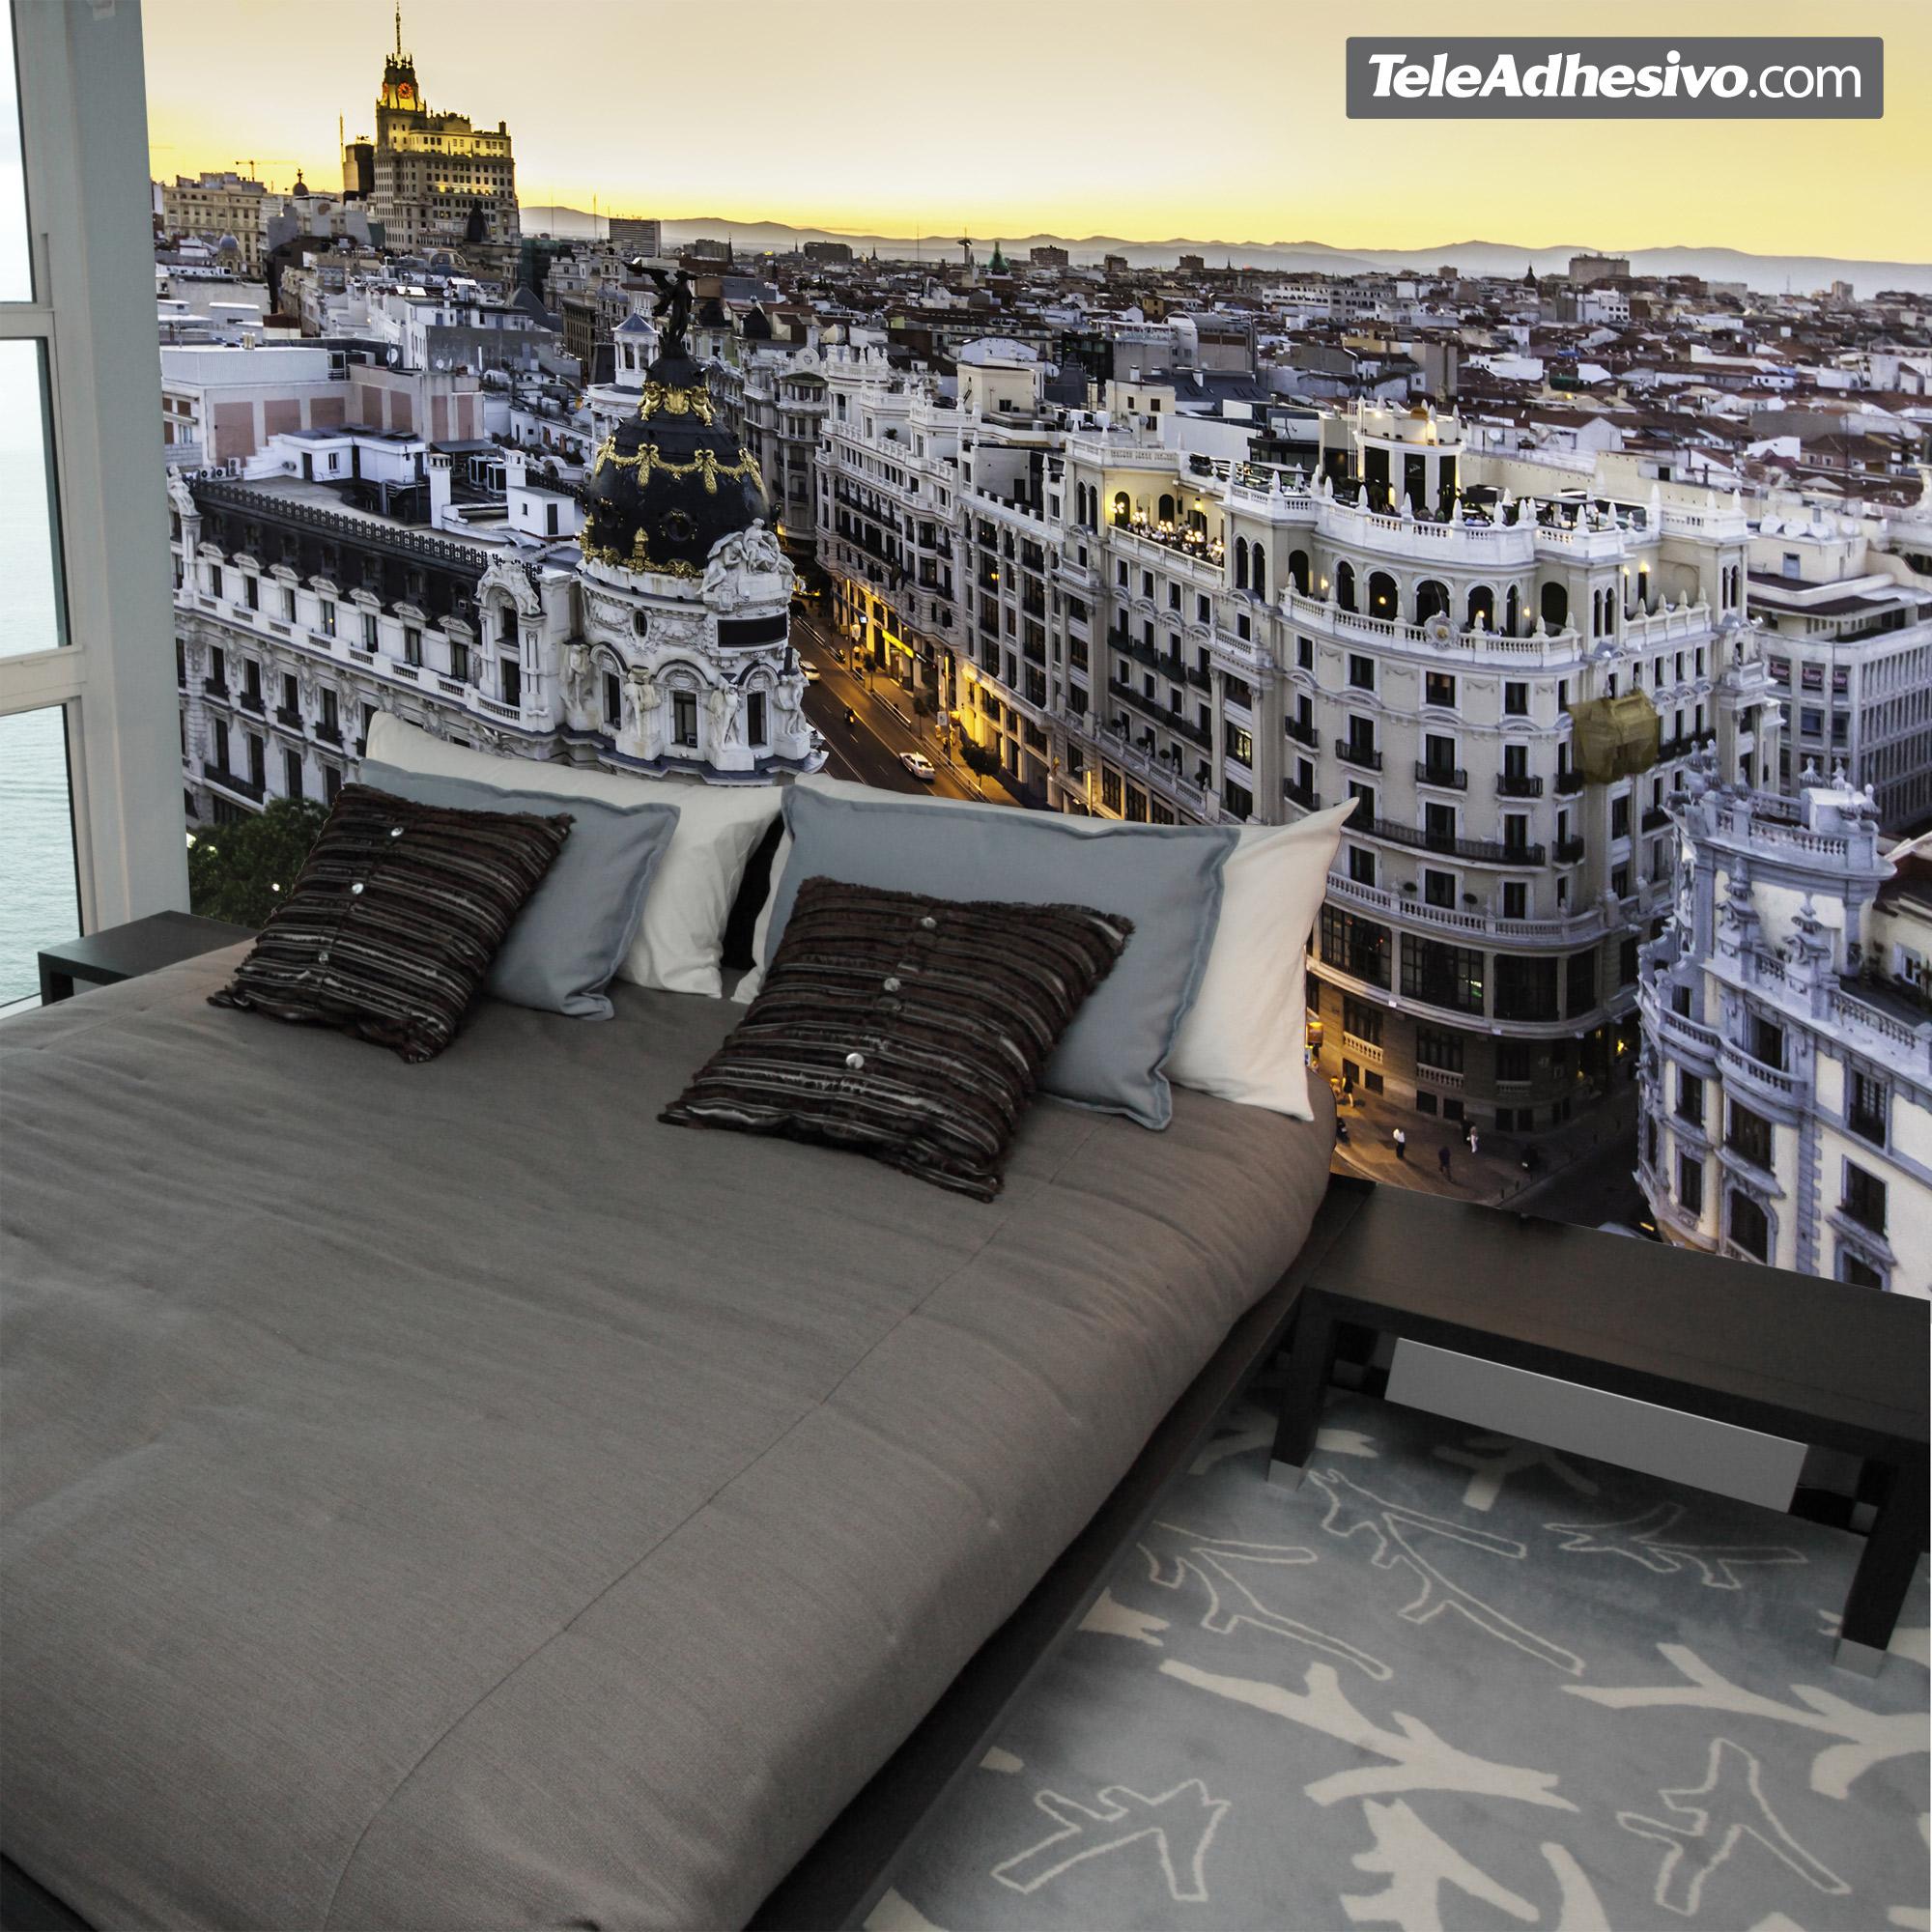 Fotomural Madrid Gran Via Teleadhesivo Com